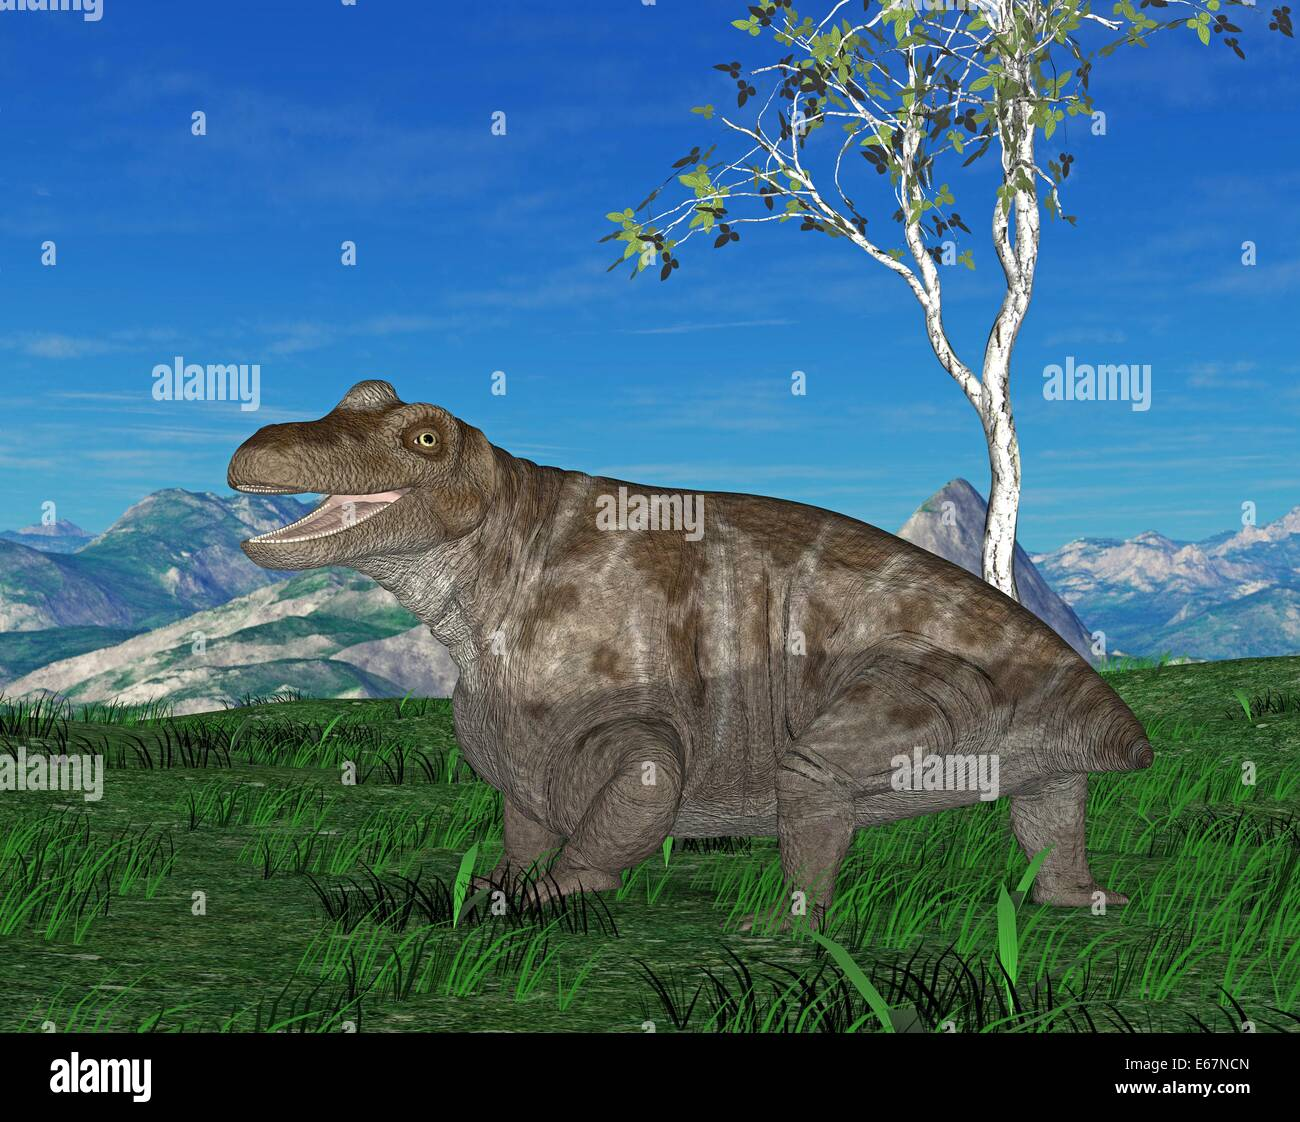 Dinosaurier Keratocephalus / dinosaur Keratocephalus - Stock Image